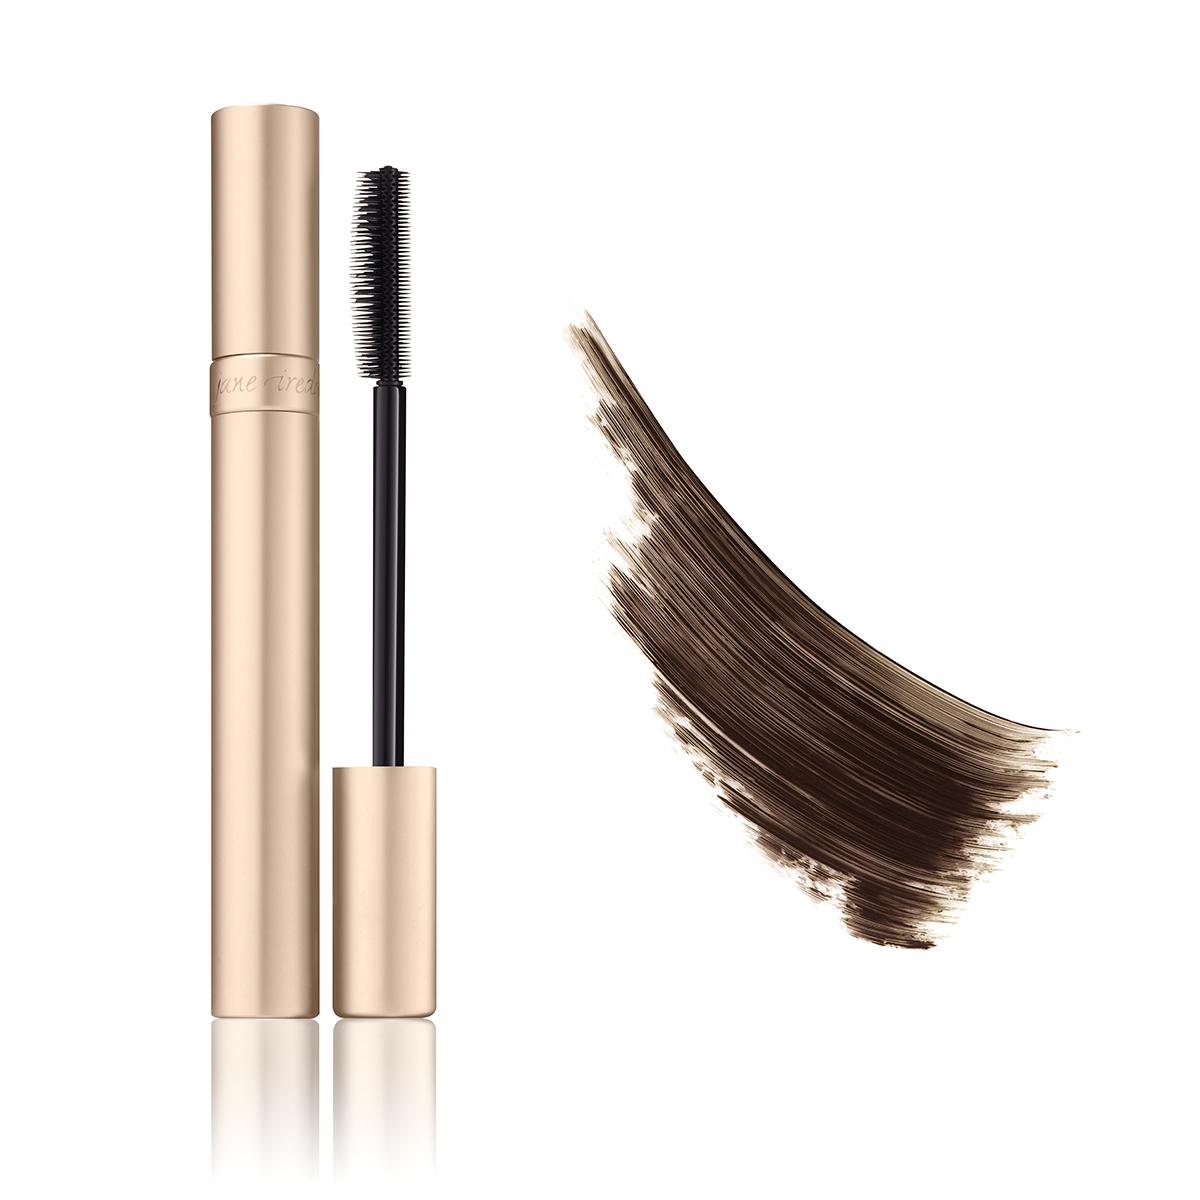 Jane Iredale PureLash Lengthening Mascara, brown/black